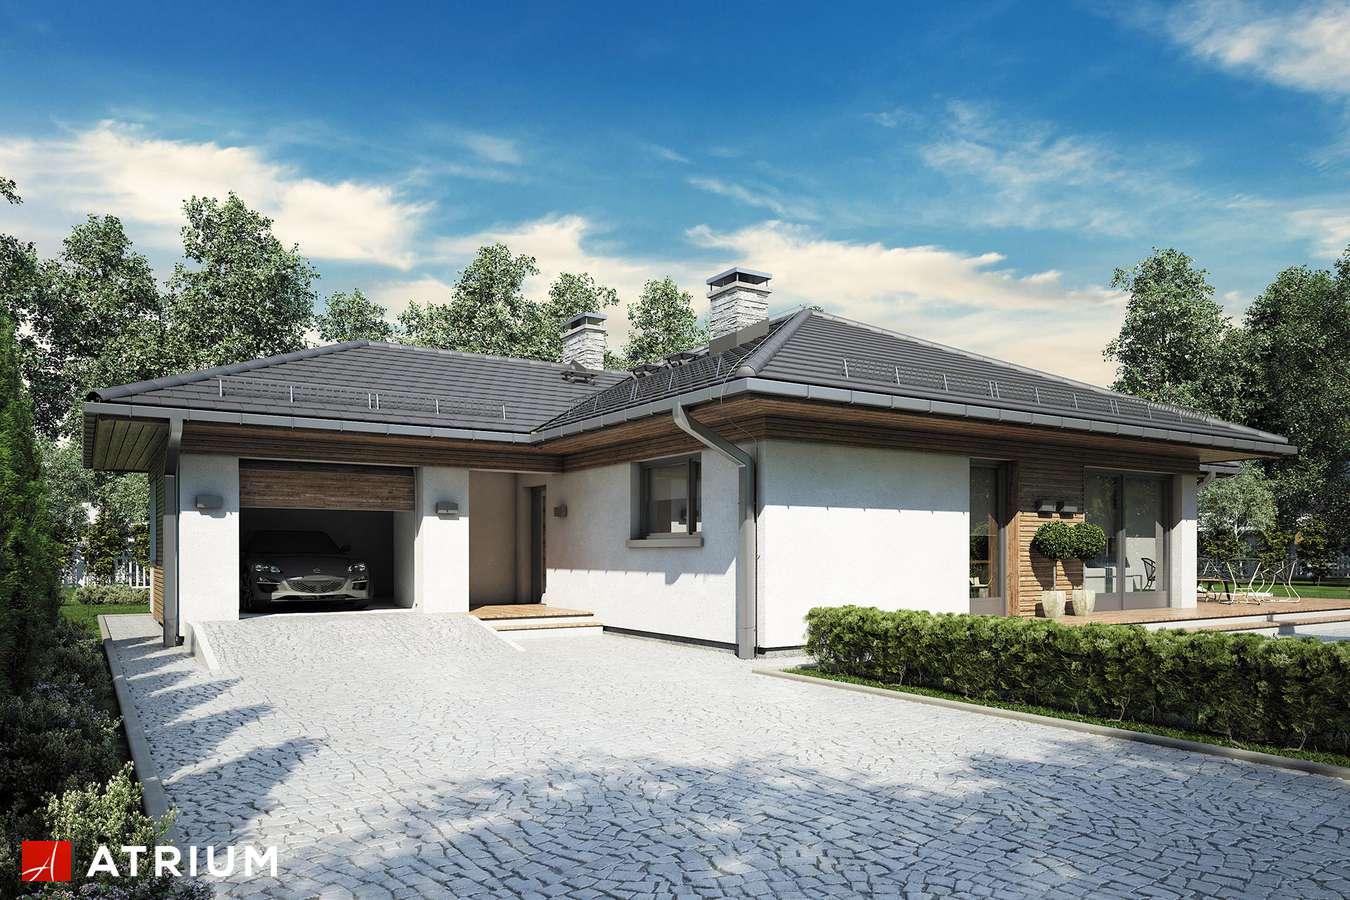 Projekty domów - Projekt domu parterowego MERIDA SZ - wizualizacja 1 - wersja lustrzana